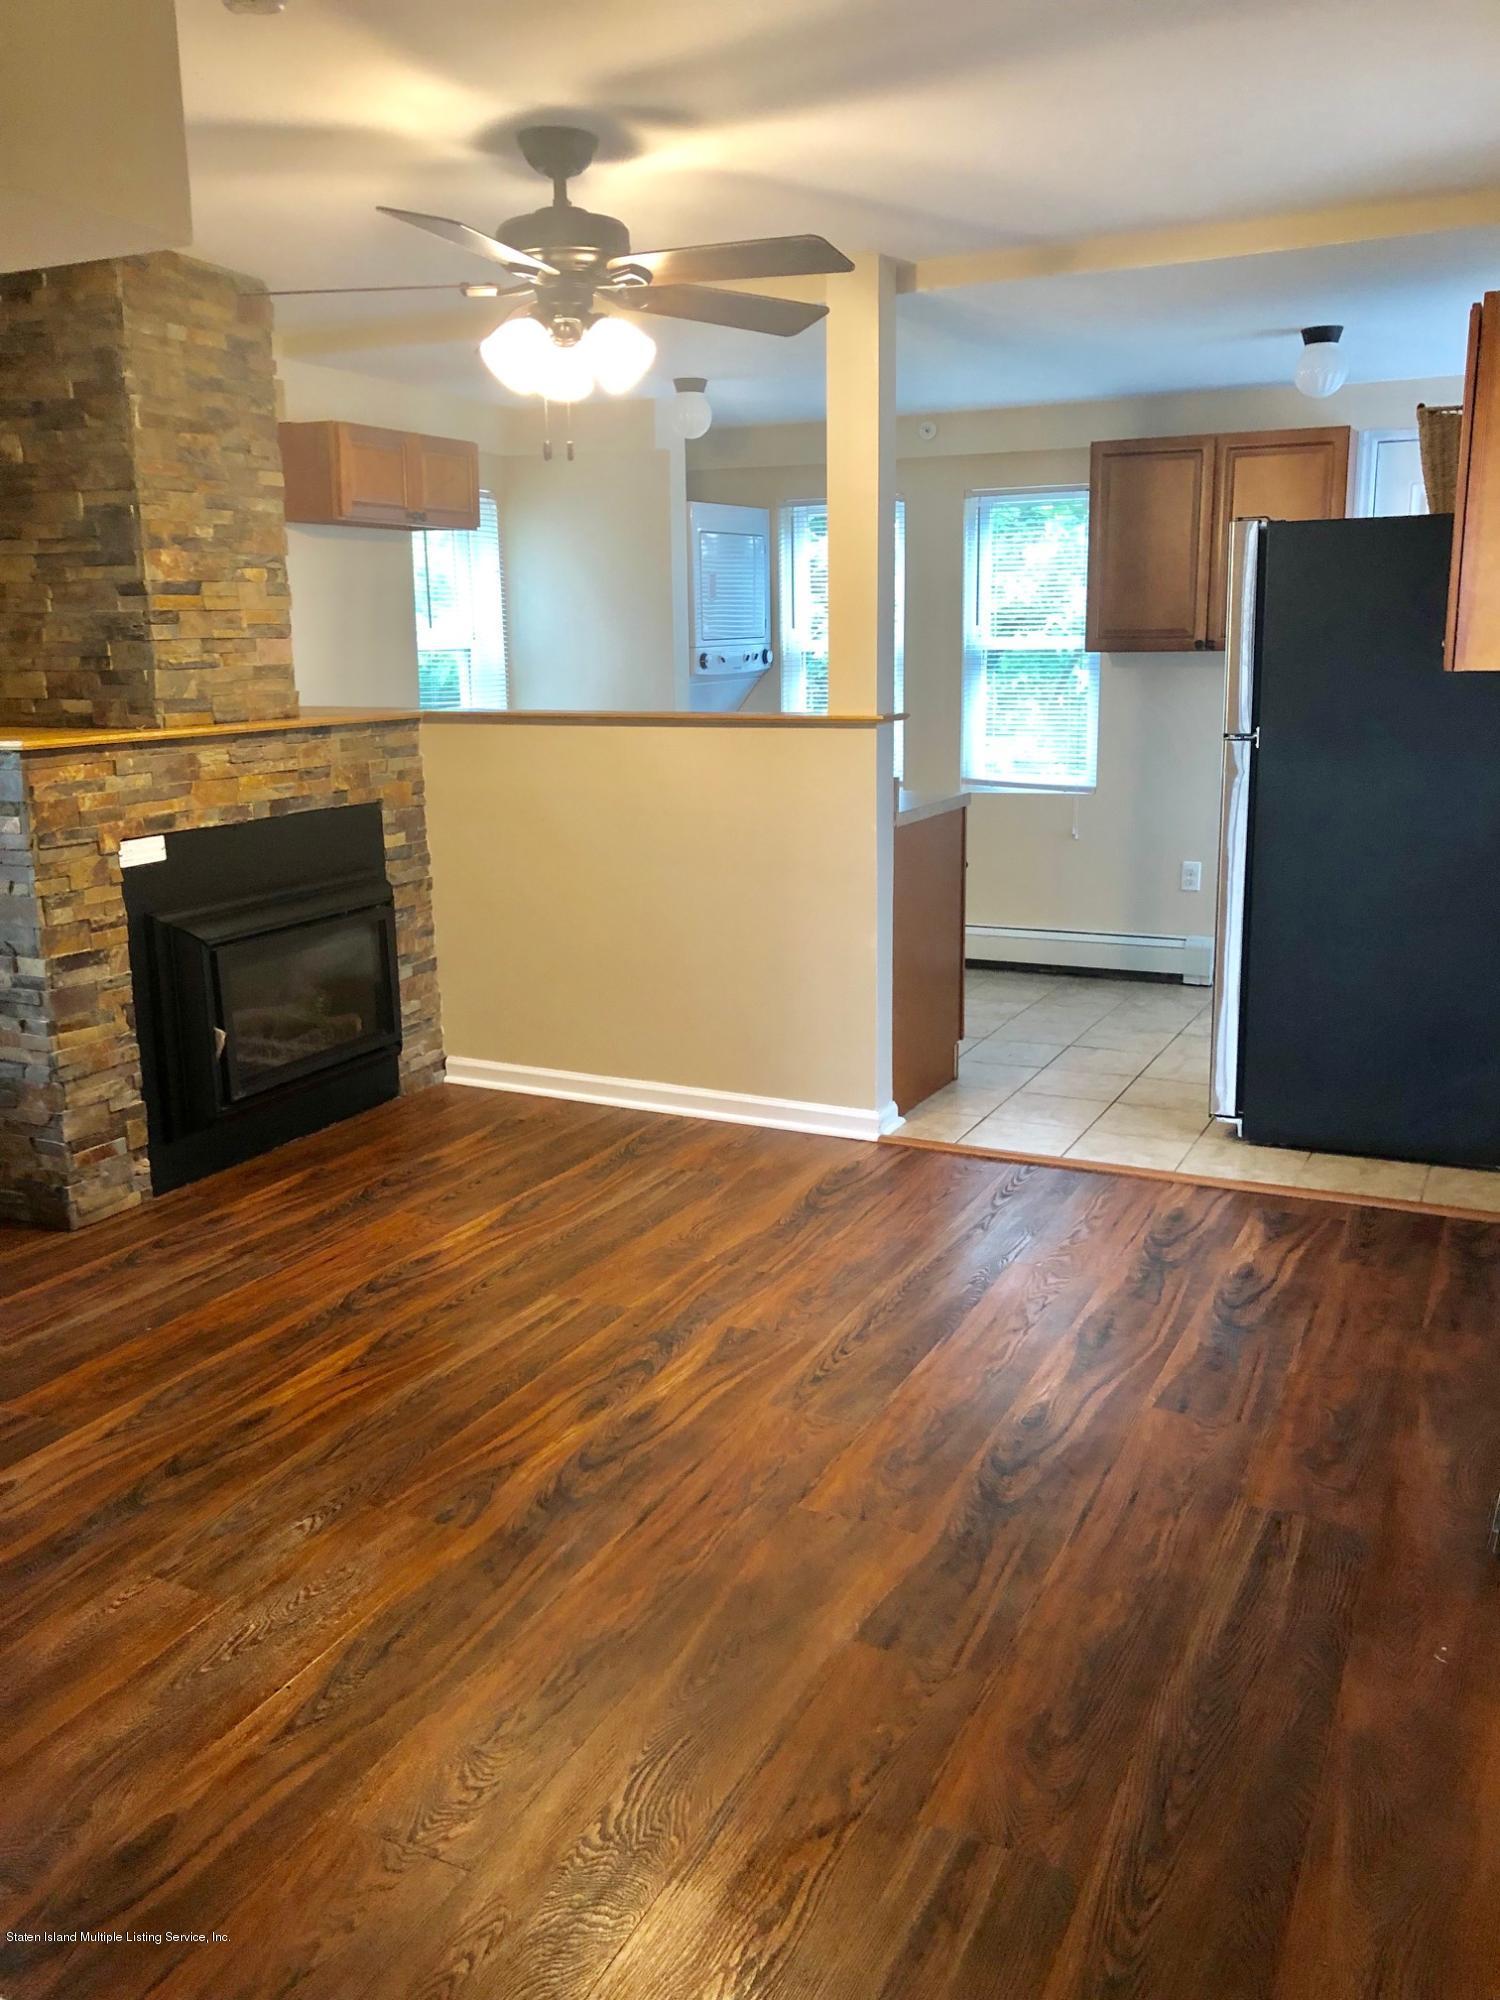 Single Family - Detached 405 Hunter Avenue  Staten Island, NY 10306, MLS-1129730-7